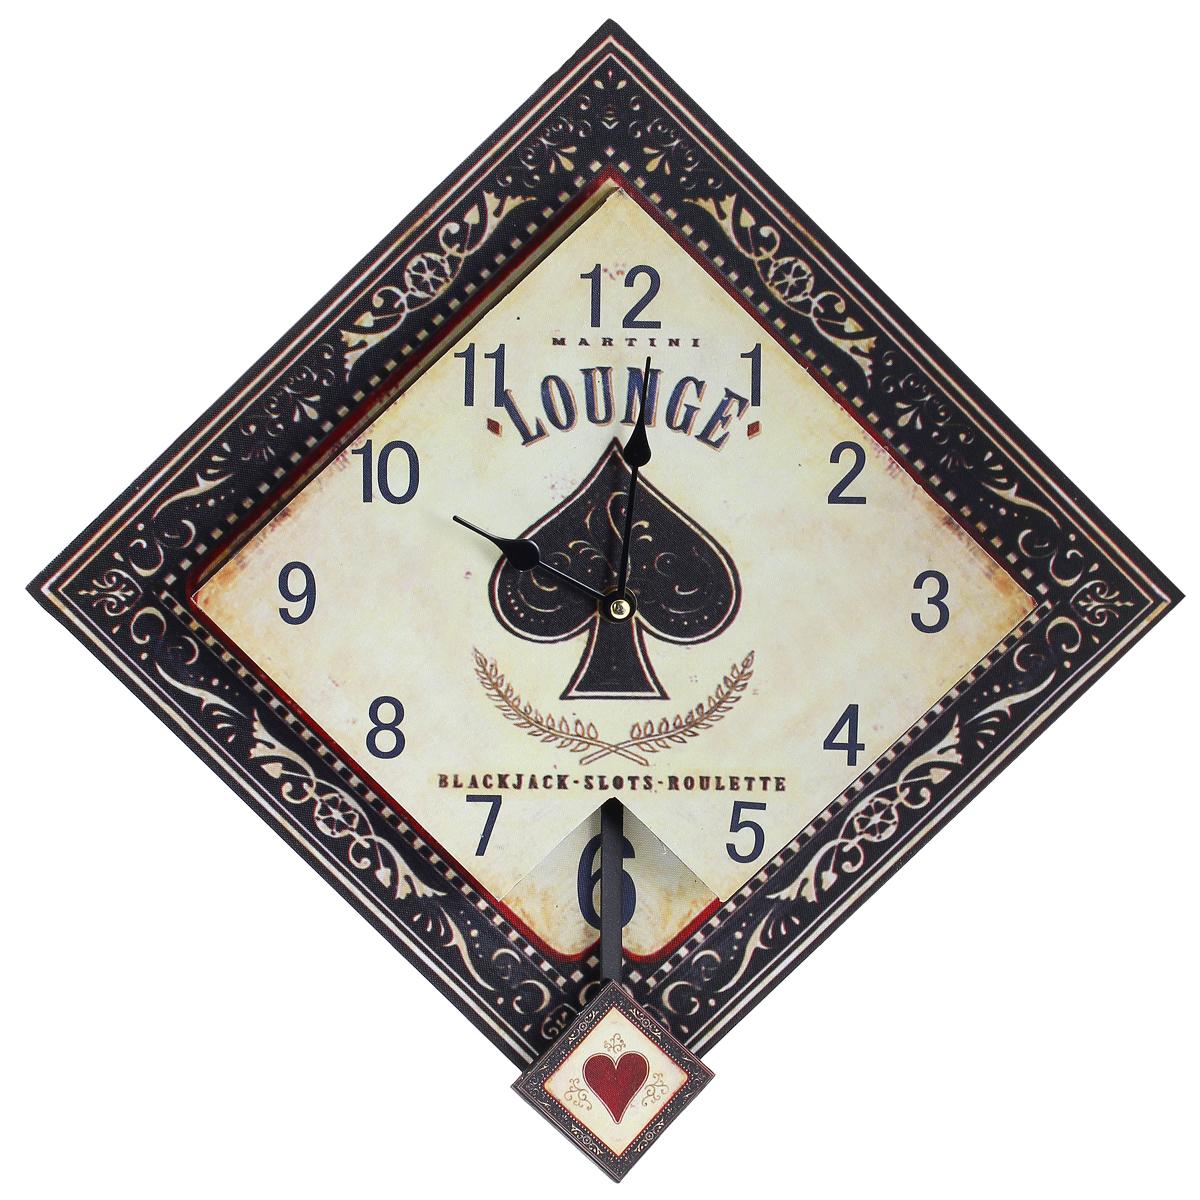 Часы настенные Black Jack, кварцевые, с маятником. 3037830378Настенные кварцевые часы Black Jack изготовлены из МДФ. Часы имеют форму ромба. Корпус оформлен узорами и изображением карточных мастей. Тип индикации - арабские цифры. Часы имеют две стрелки - часовую и минутную. Часы оснащены маятником. С задней стороны имеется отверстие для подвешивания на стену. Изящные часы красиво и оригинально оформят интерьер дома или офиса. Часы работают от одной батарейки типа АА (в комплект не входит). Размер часов (ДхШхВ) (без учета маятника): 42 см х 42 см х 4 см. Размер циферблата: 30 см х 30 см. Внимание! Уважаемые клиенты, обращаем ваше внимание на тот факт, что циферблат часов не защищен стеклом!